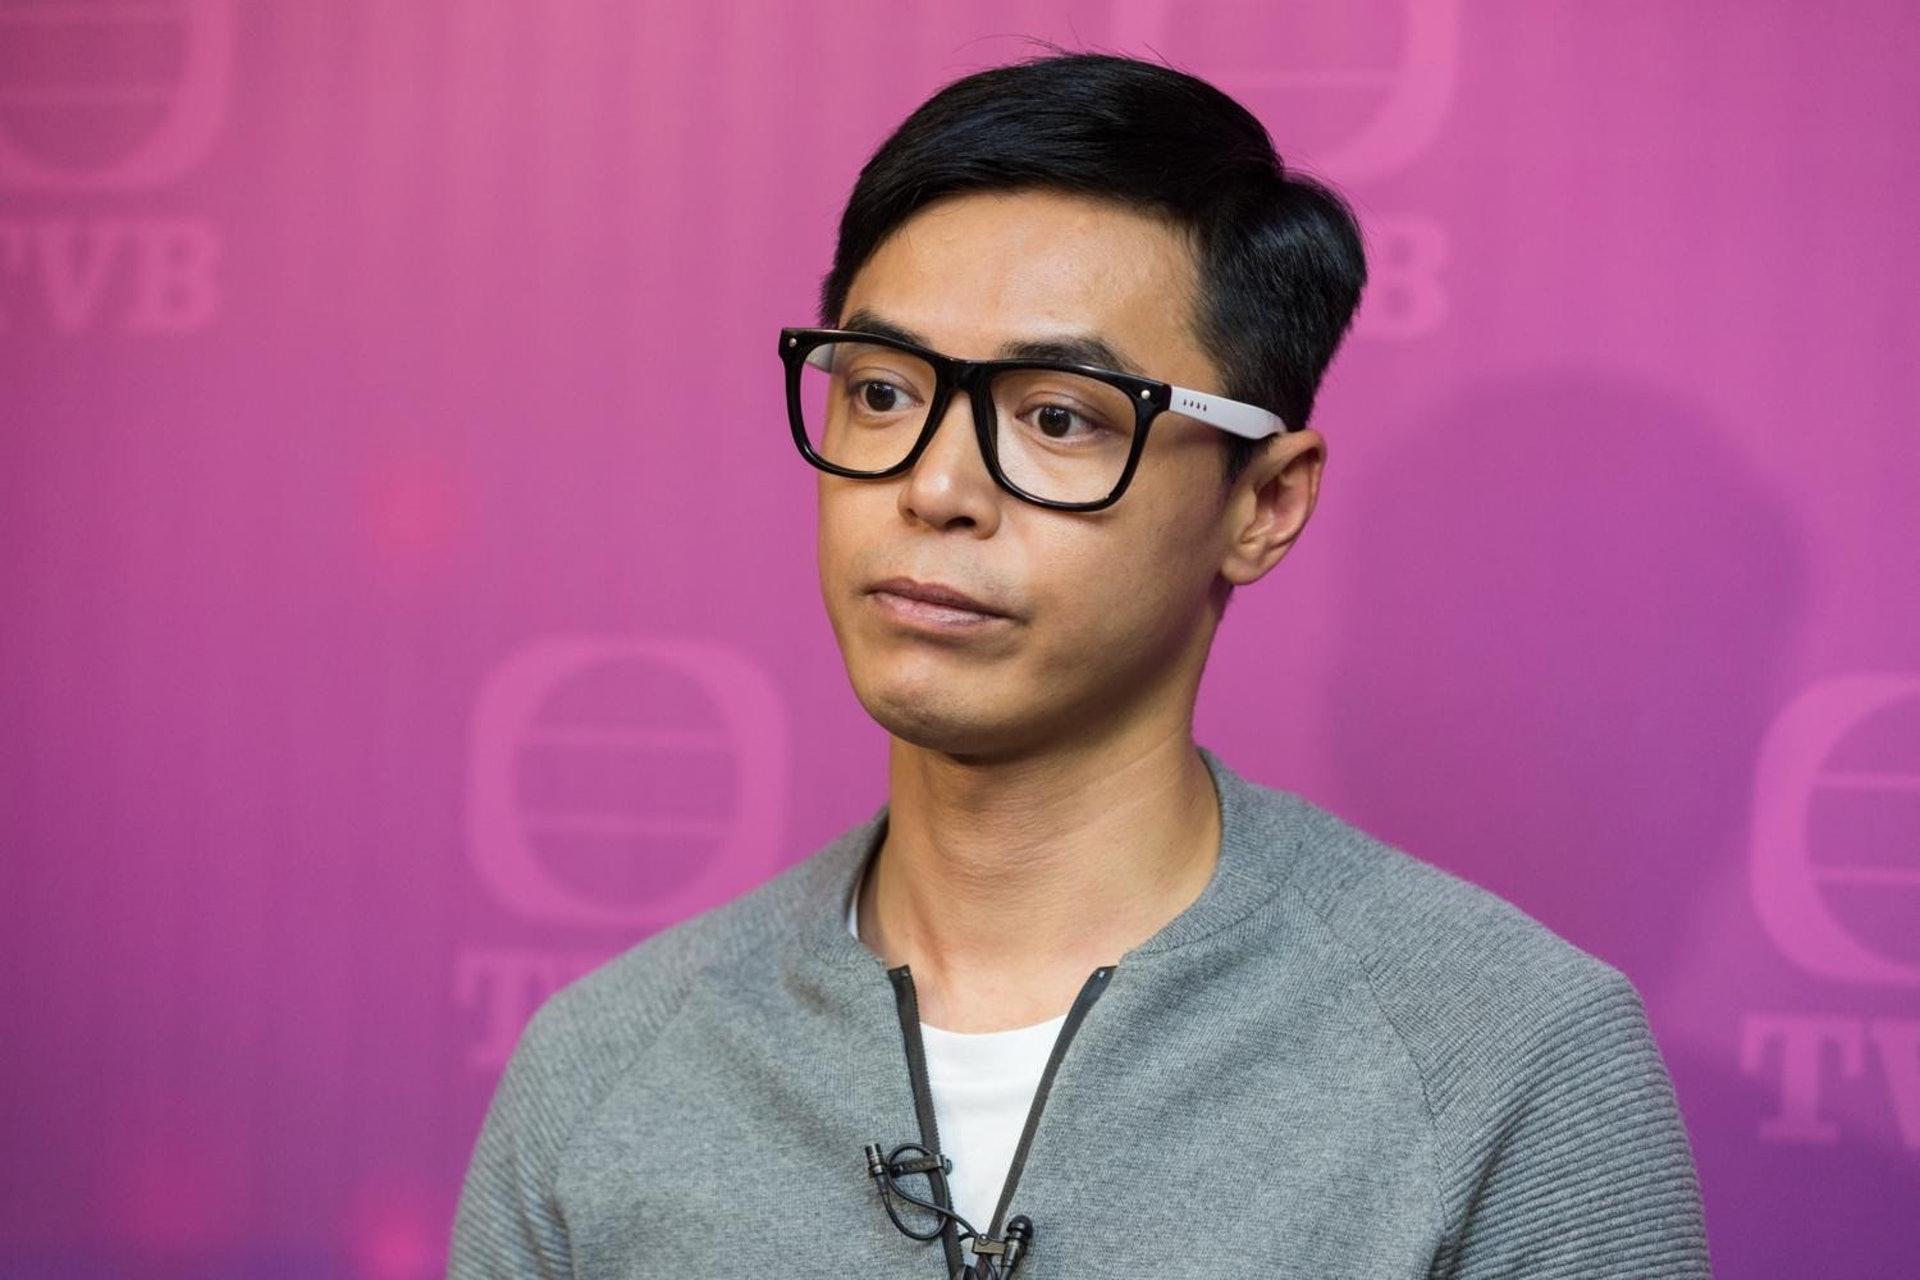 前《東張西望》主持李潤庭,於2016年12月被發現背空姐太太偷食,後被公司雪藏後再犯,現已離開TVB。(資料圖片)